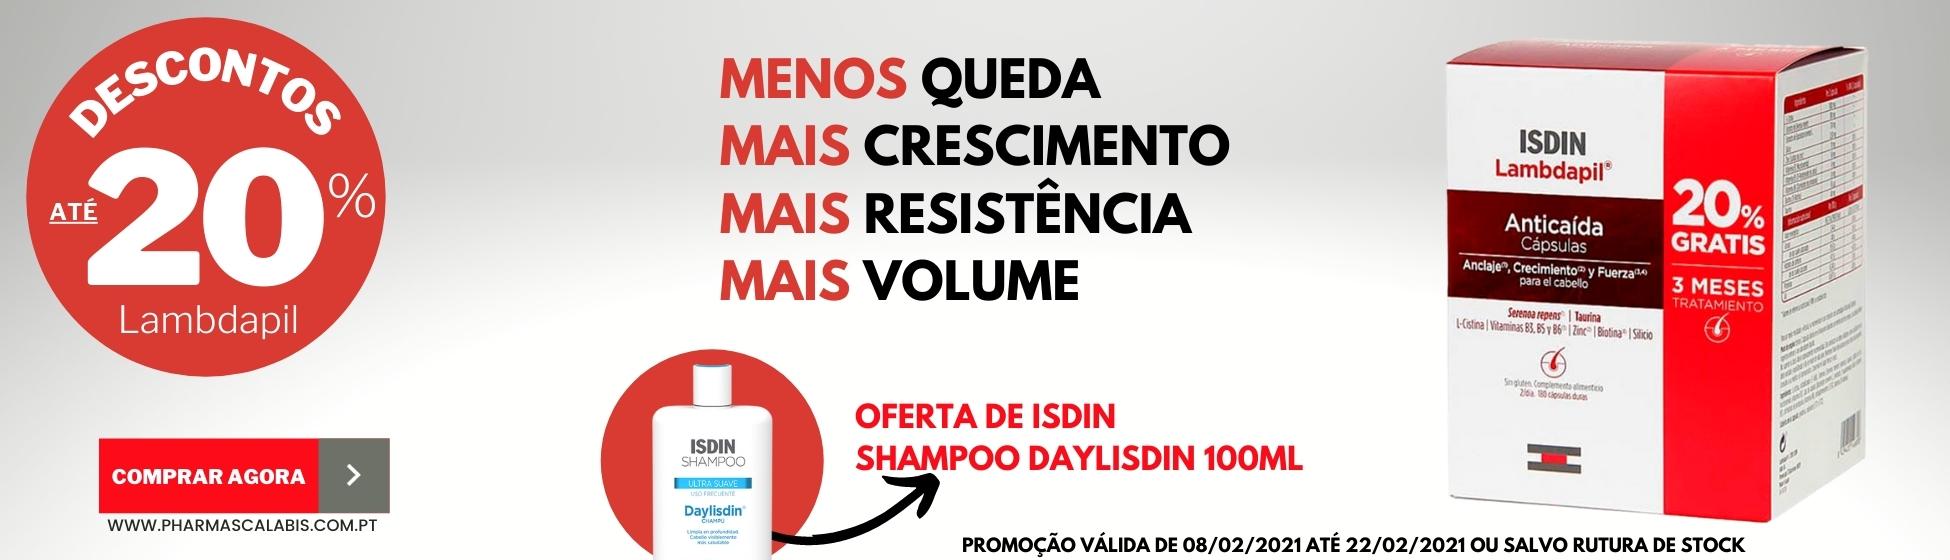 A ISDIN apresenta o tratamento mais completo e eficaz que atua sobre as causas da queda do cabelo.